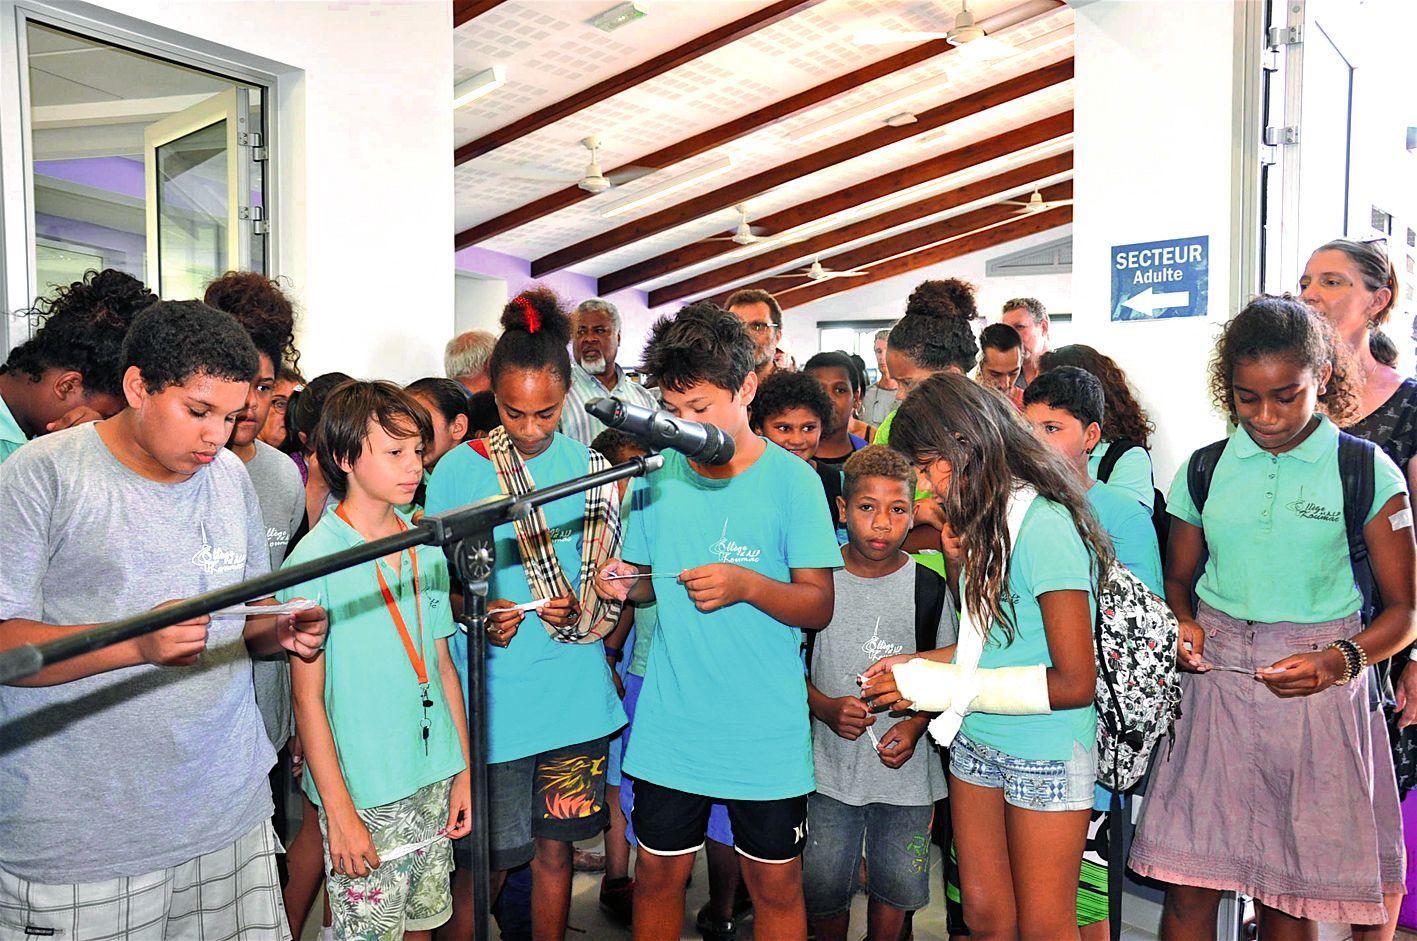 A gauche, des élèves de 5e du collège de Koumac ont lu quelques courts poèmes de leur création. A droite, des enfants des cycles 2 et 3 de l'école Punyi, tribu de Wanap, encadrés par Yoan Whaap, musicien intervenant de l'école de musique du CMDNC, ont int